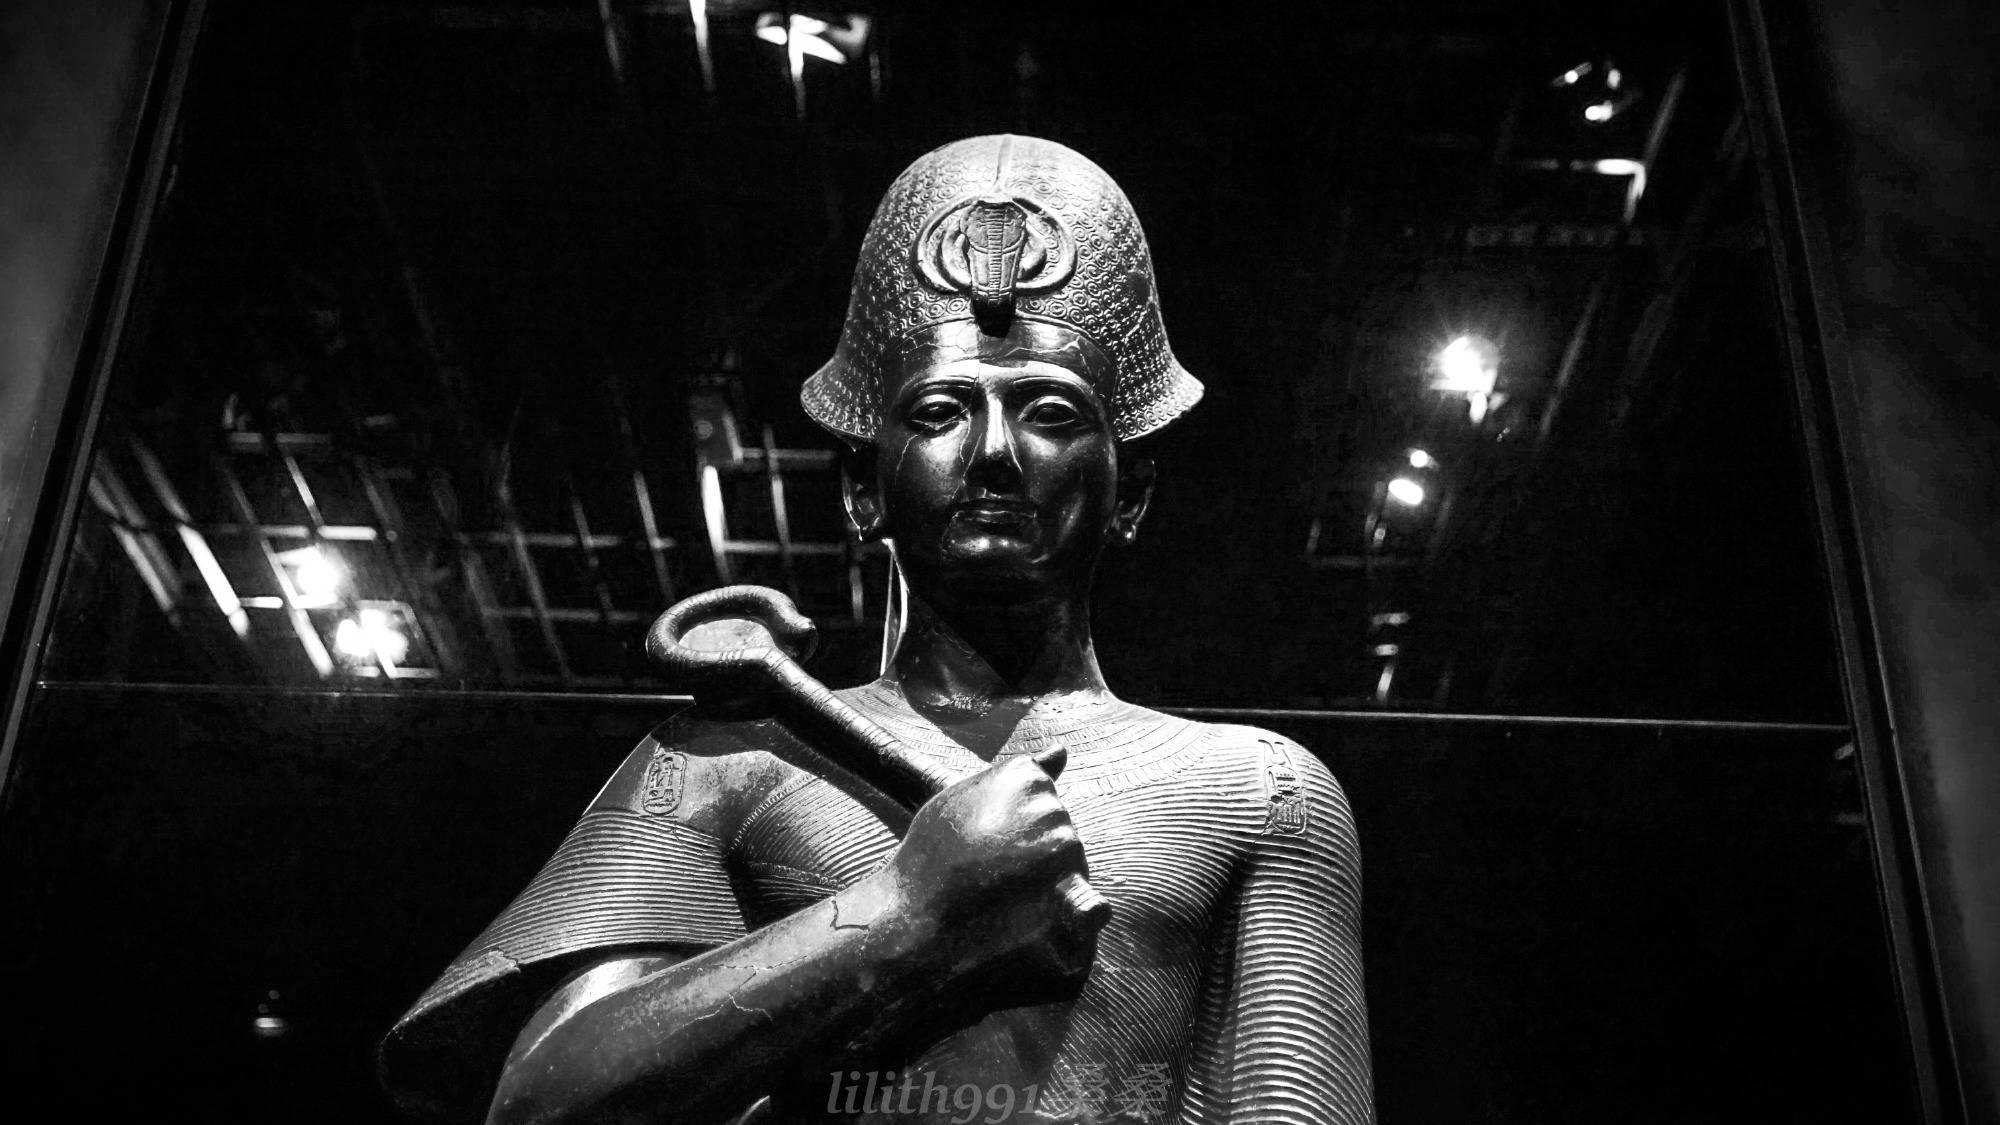 埃及的文物流失非常严重 短道速滑世界杯